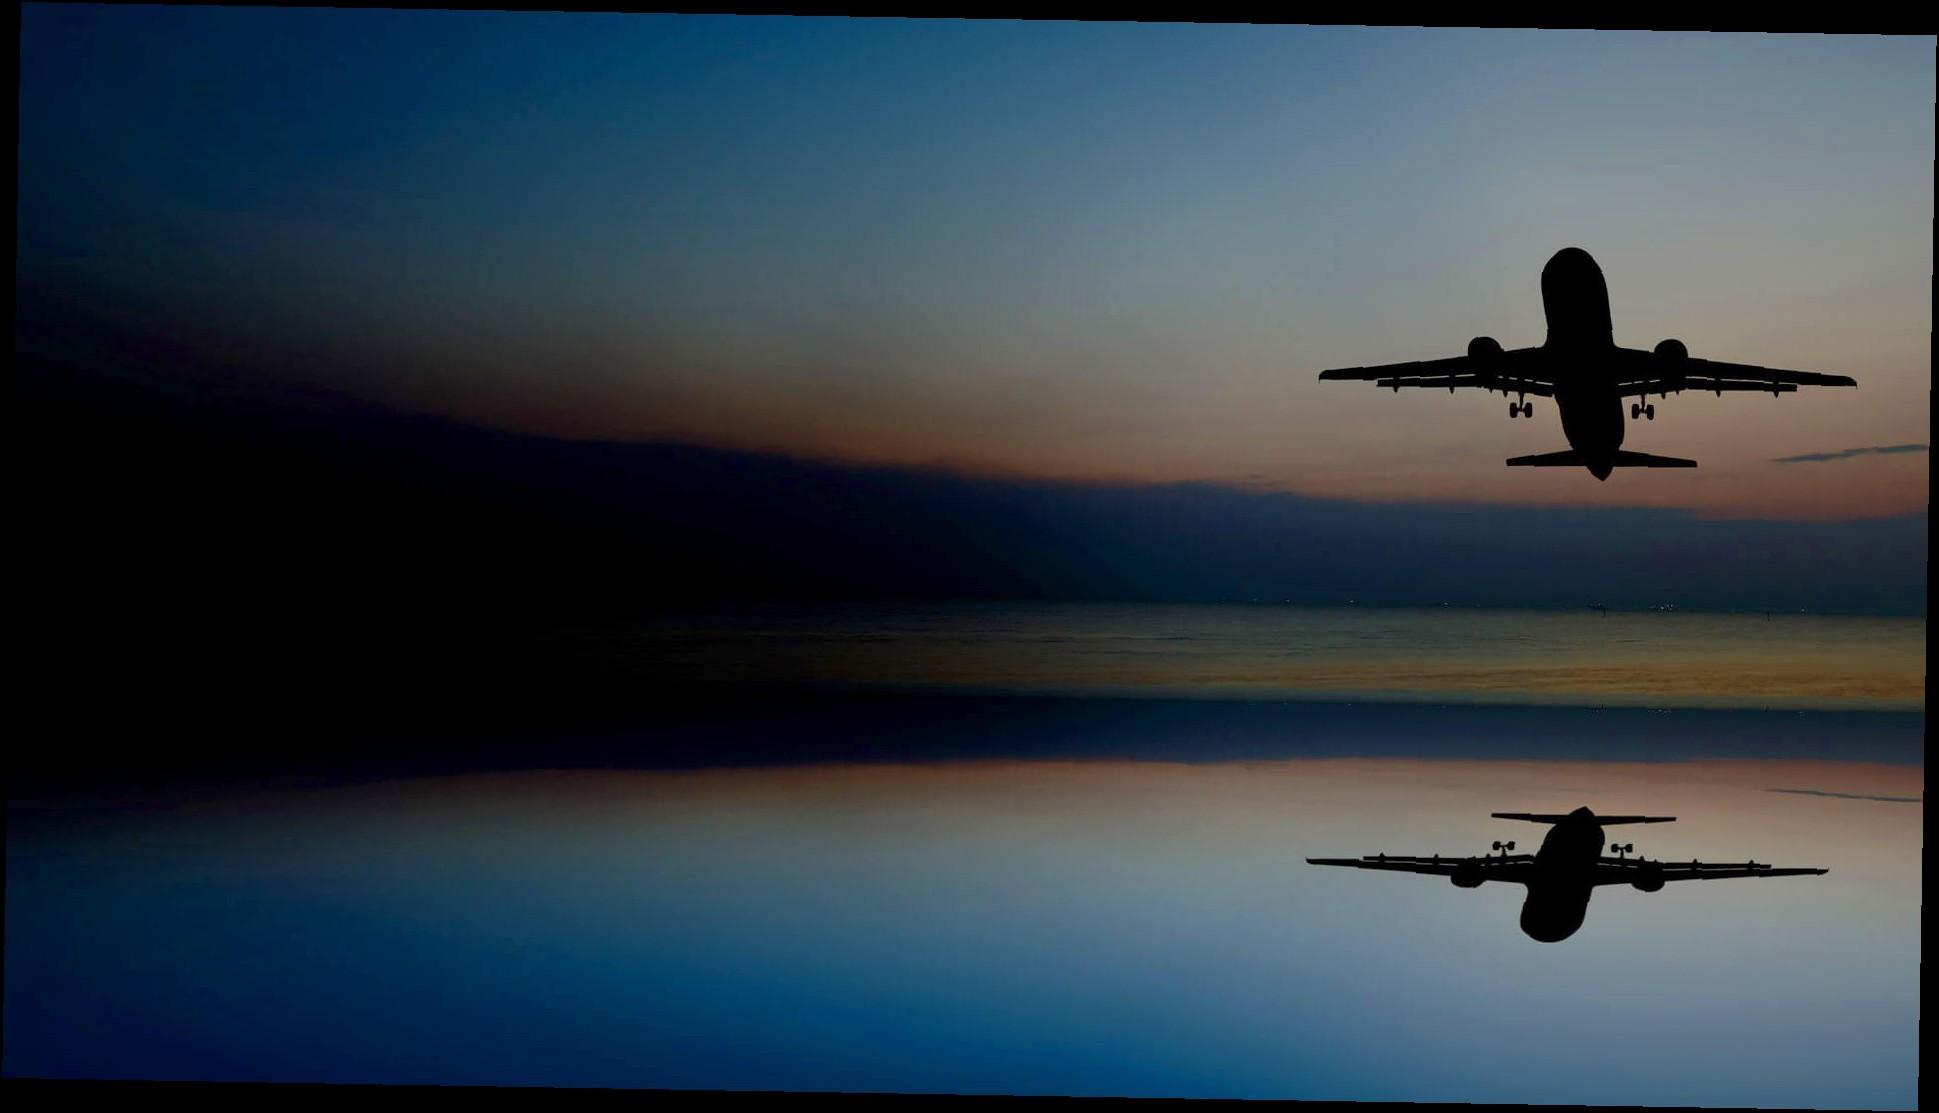 Бронирование авиабилетов Кеп-Гаитиен (Cap Haitien) коды IATA: CAP ICAO: MTCH город: Кеп-Гаитиен (Cap Haitien) страна: Гаити (Haiti)